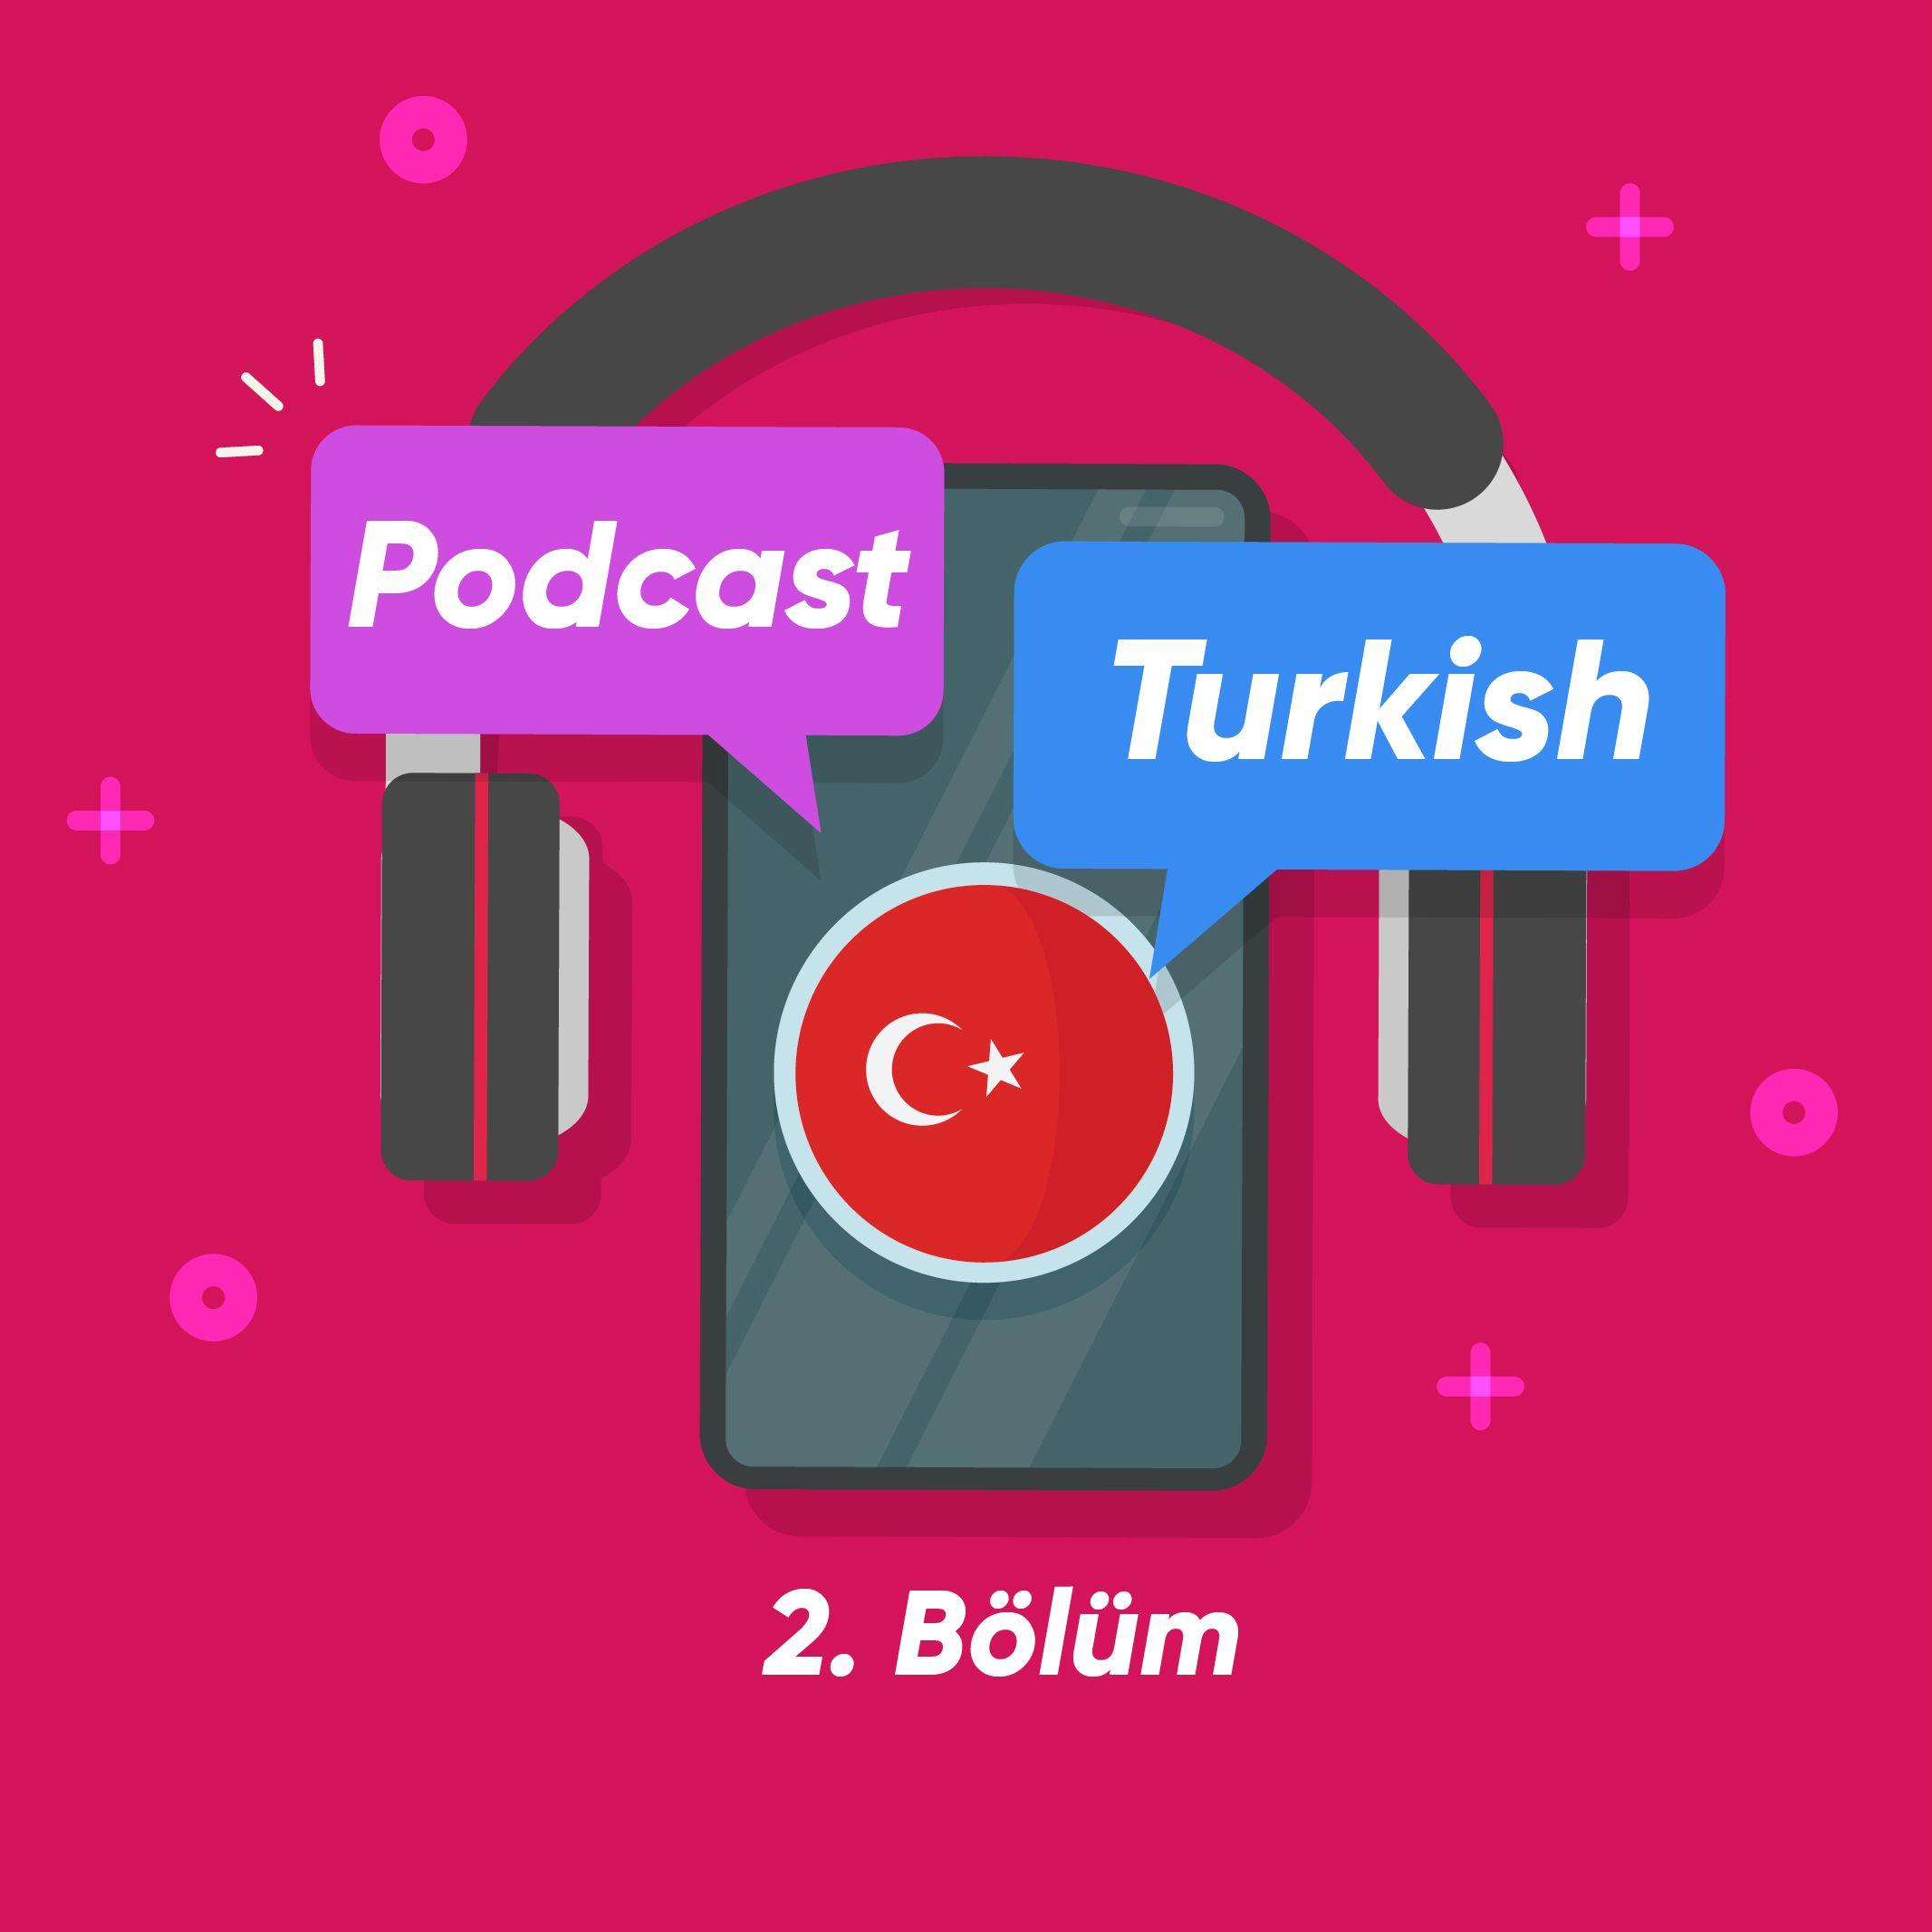 پادکست ترکی استانبولی شماره 2